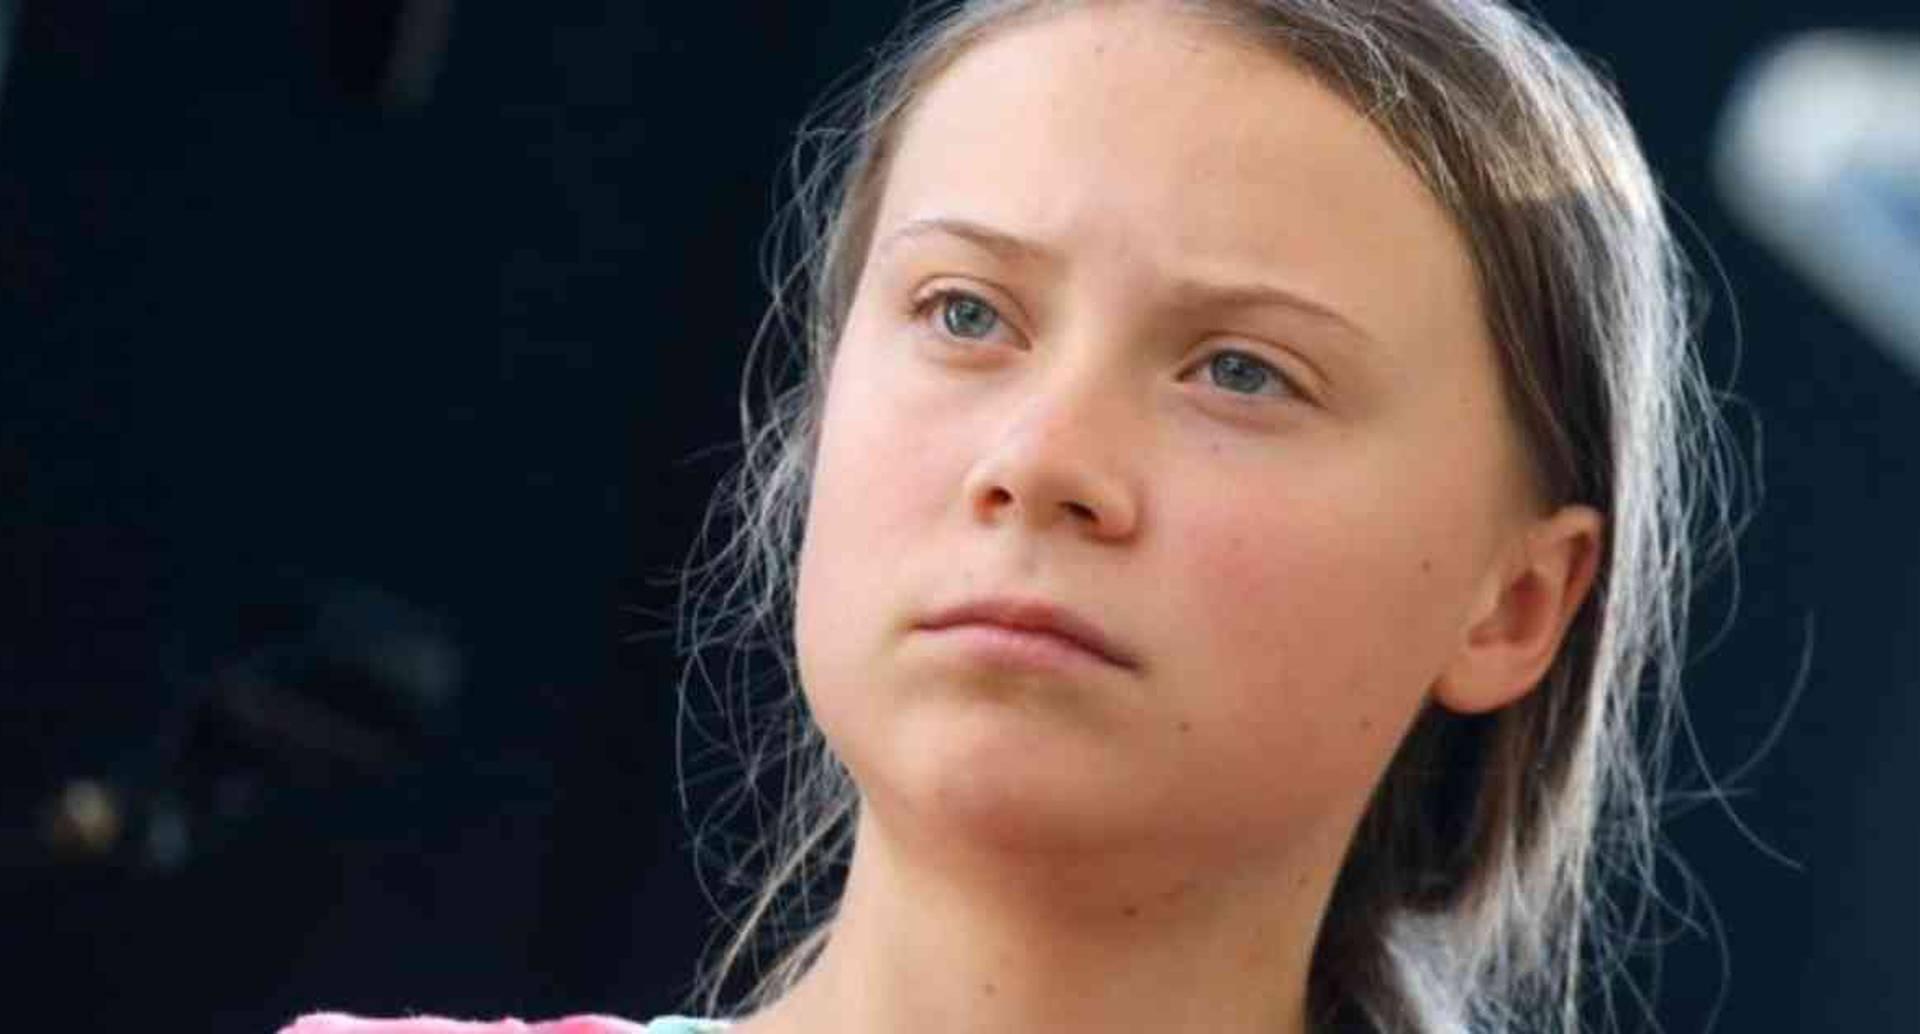 Greta Thunberg inspiró a muchos otros adolescentes a organizar sus propias movilizaciones contra el cambio climático. Foto: Getty Images